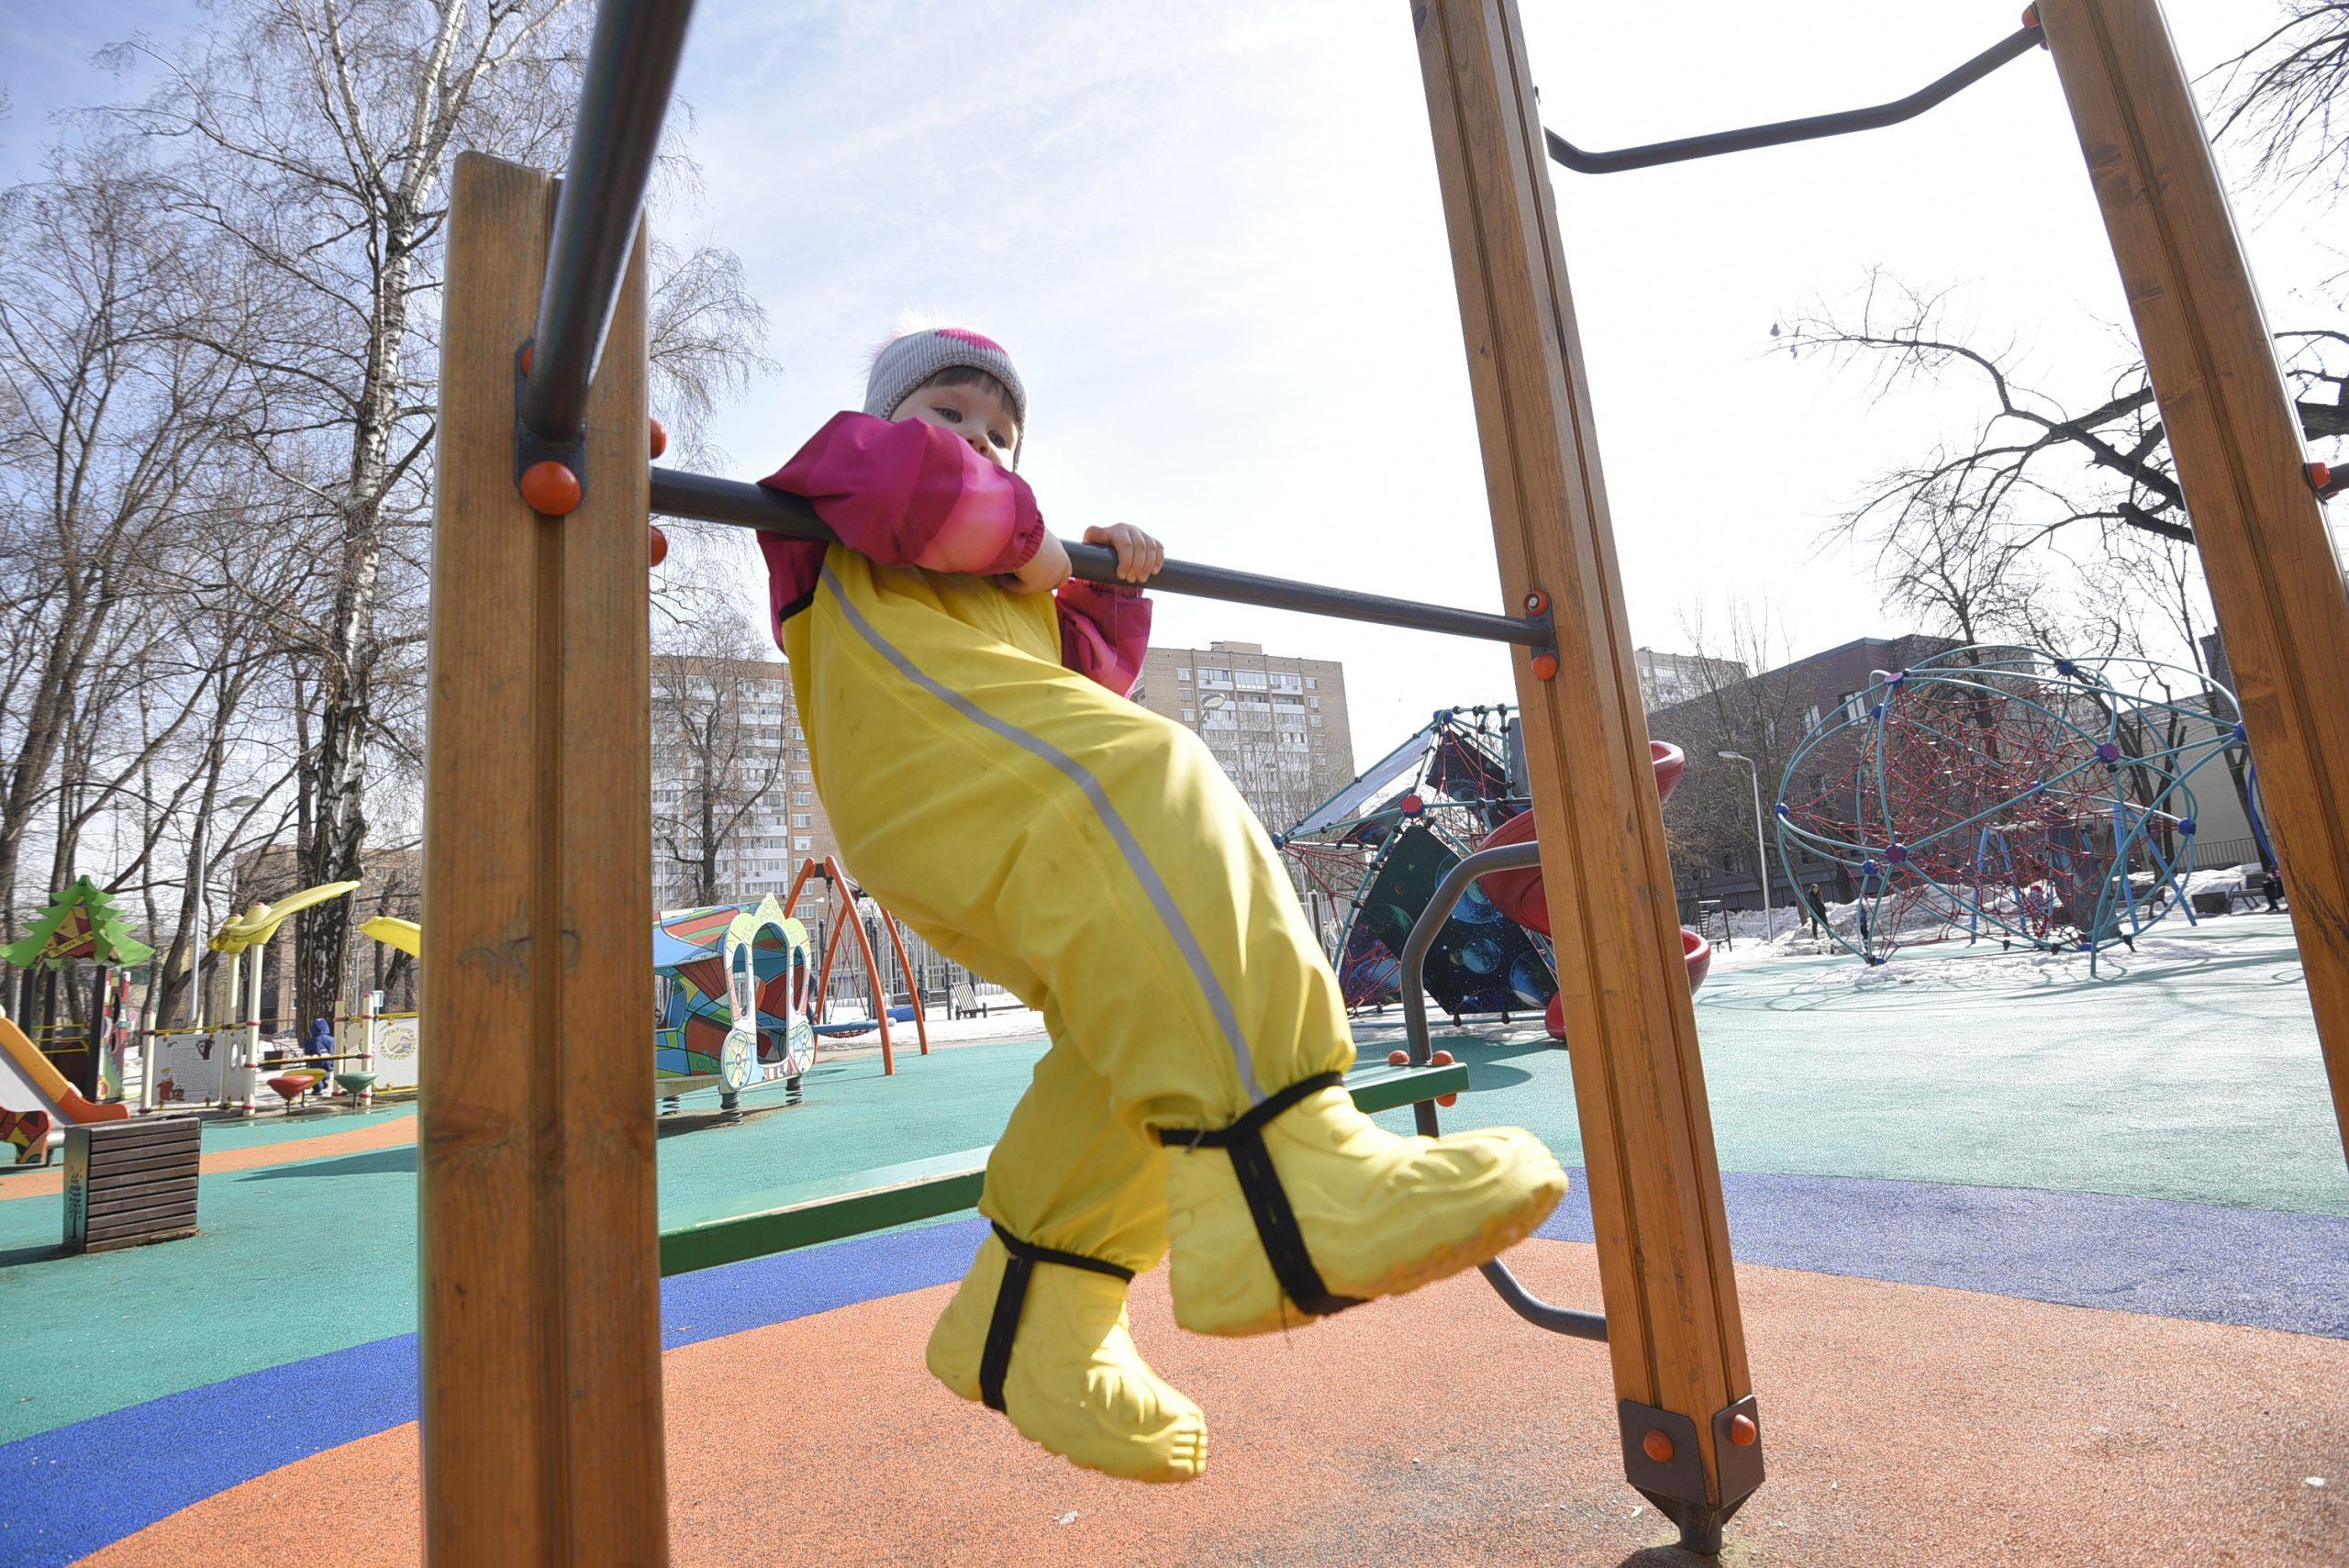 Элементы детских площадок в Красносельском районе начали окрашивать. Фото: Пелагия Замятина, «Вечерняя Москва»